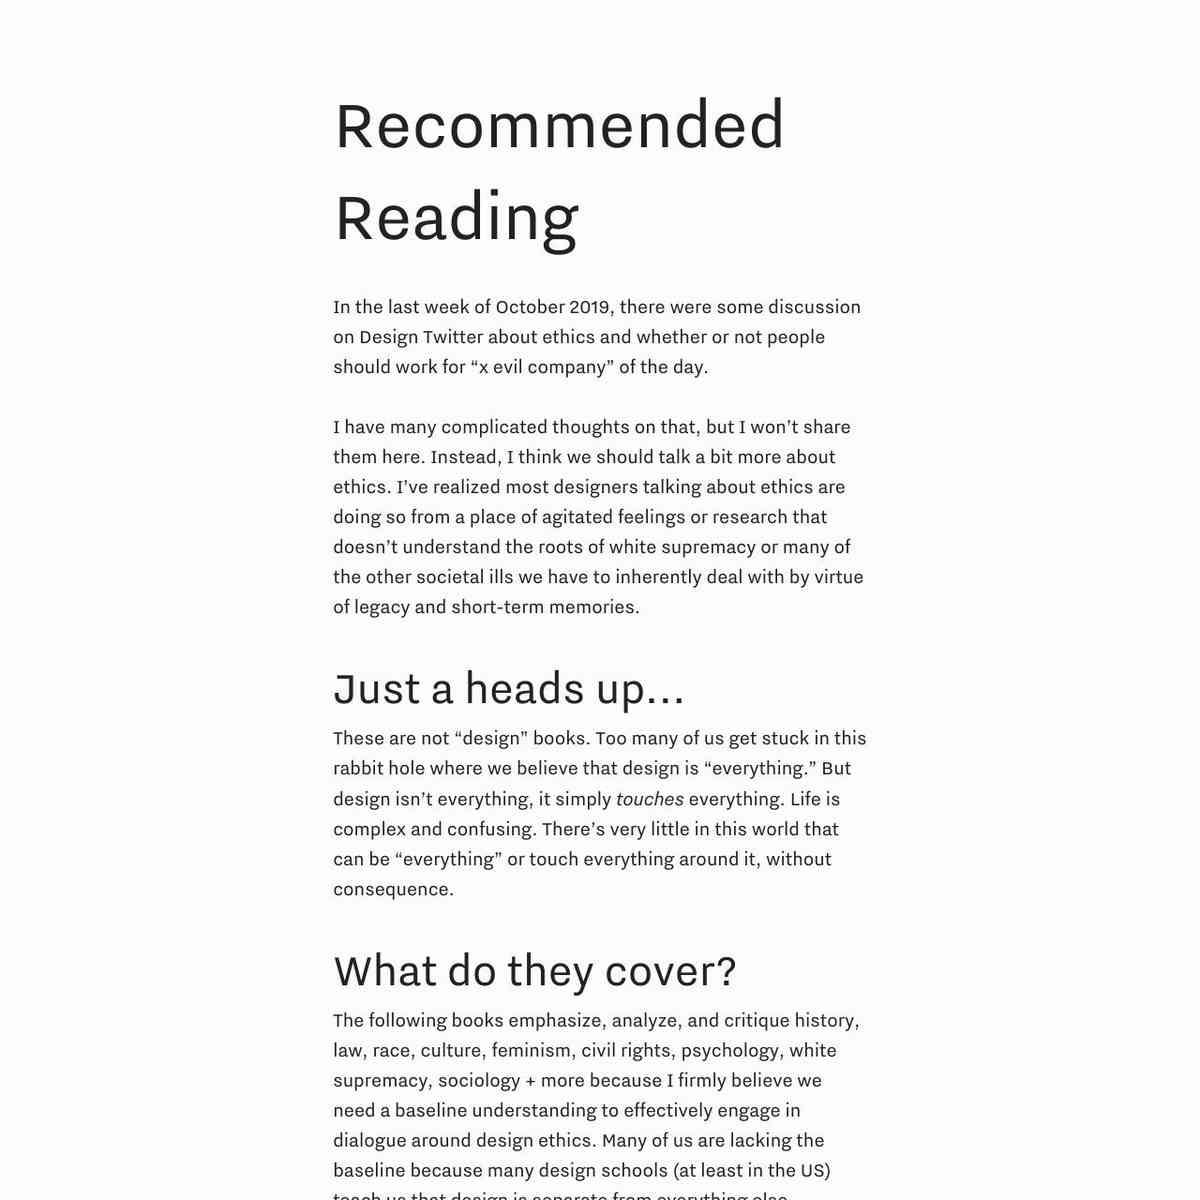 amélie's ethics/race reading list